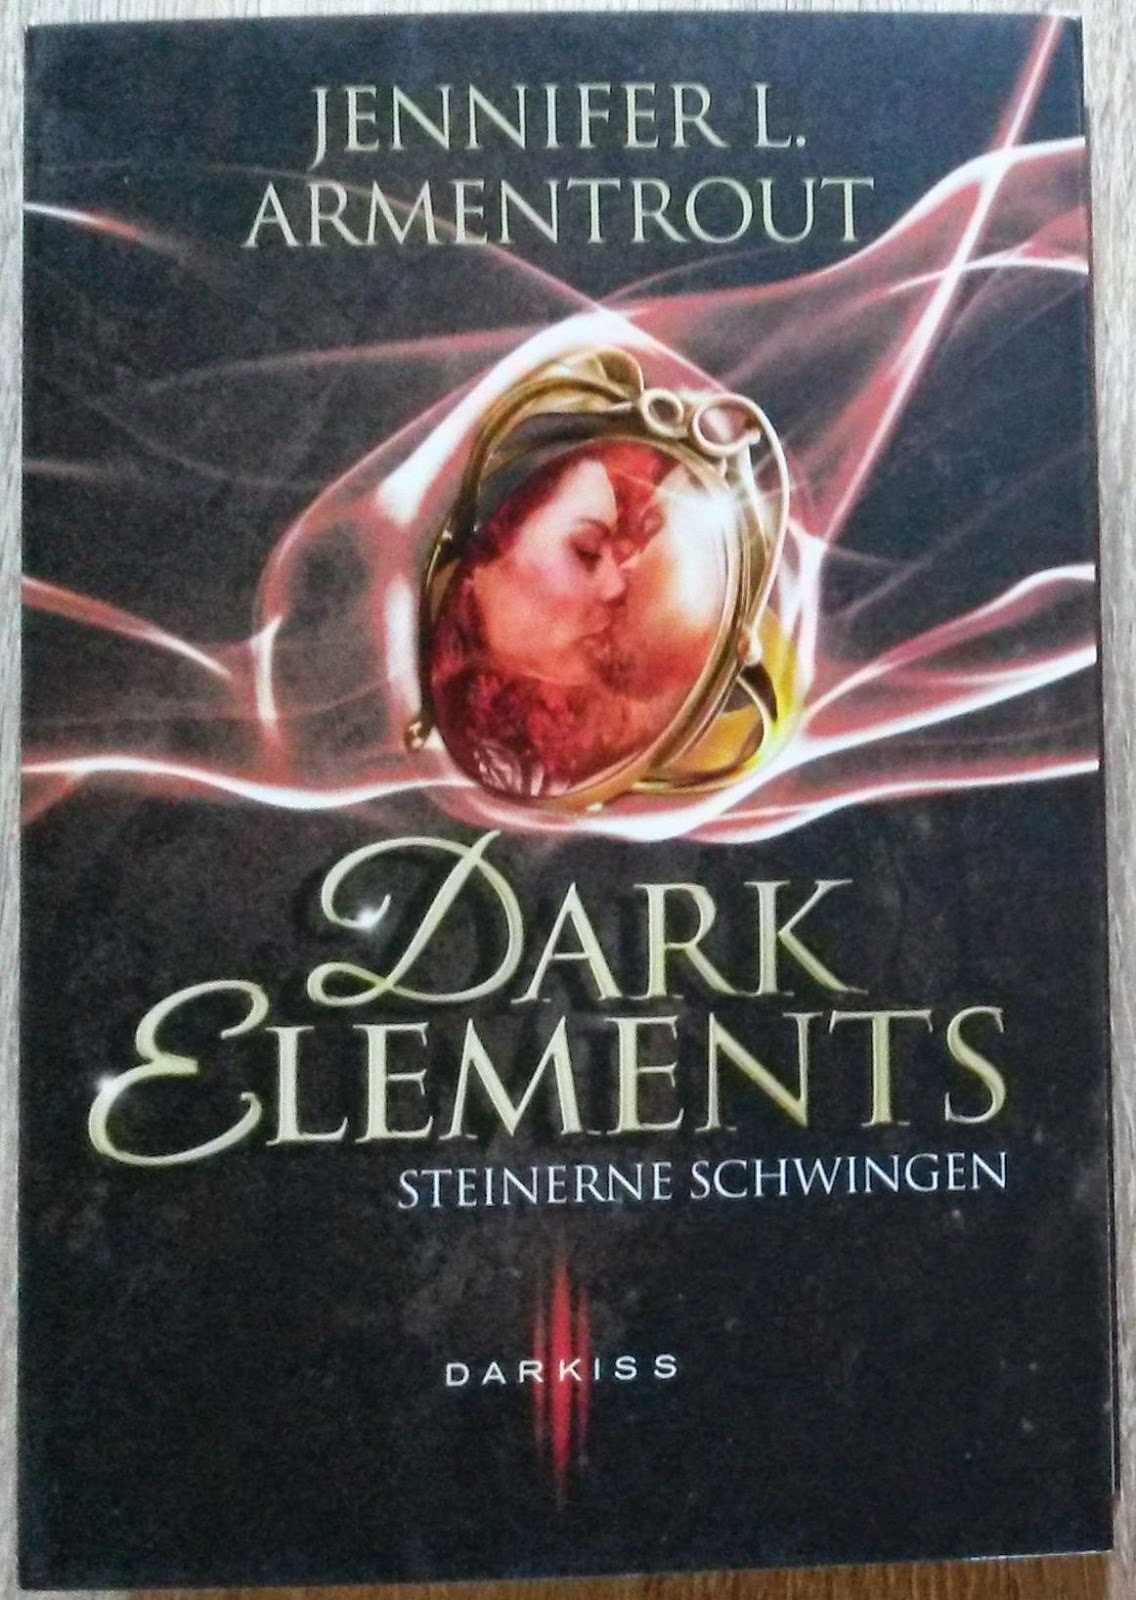 http://druckbuchstaben.blogspot.de/2014/08/gewinnspiel-zu-dark-elements.html